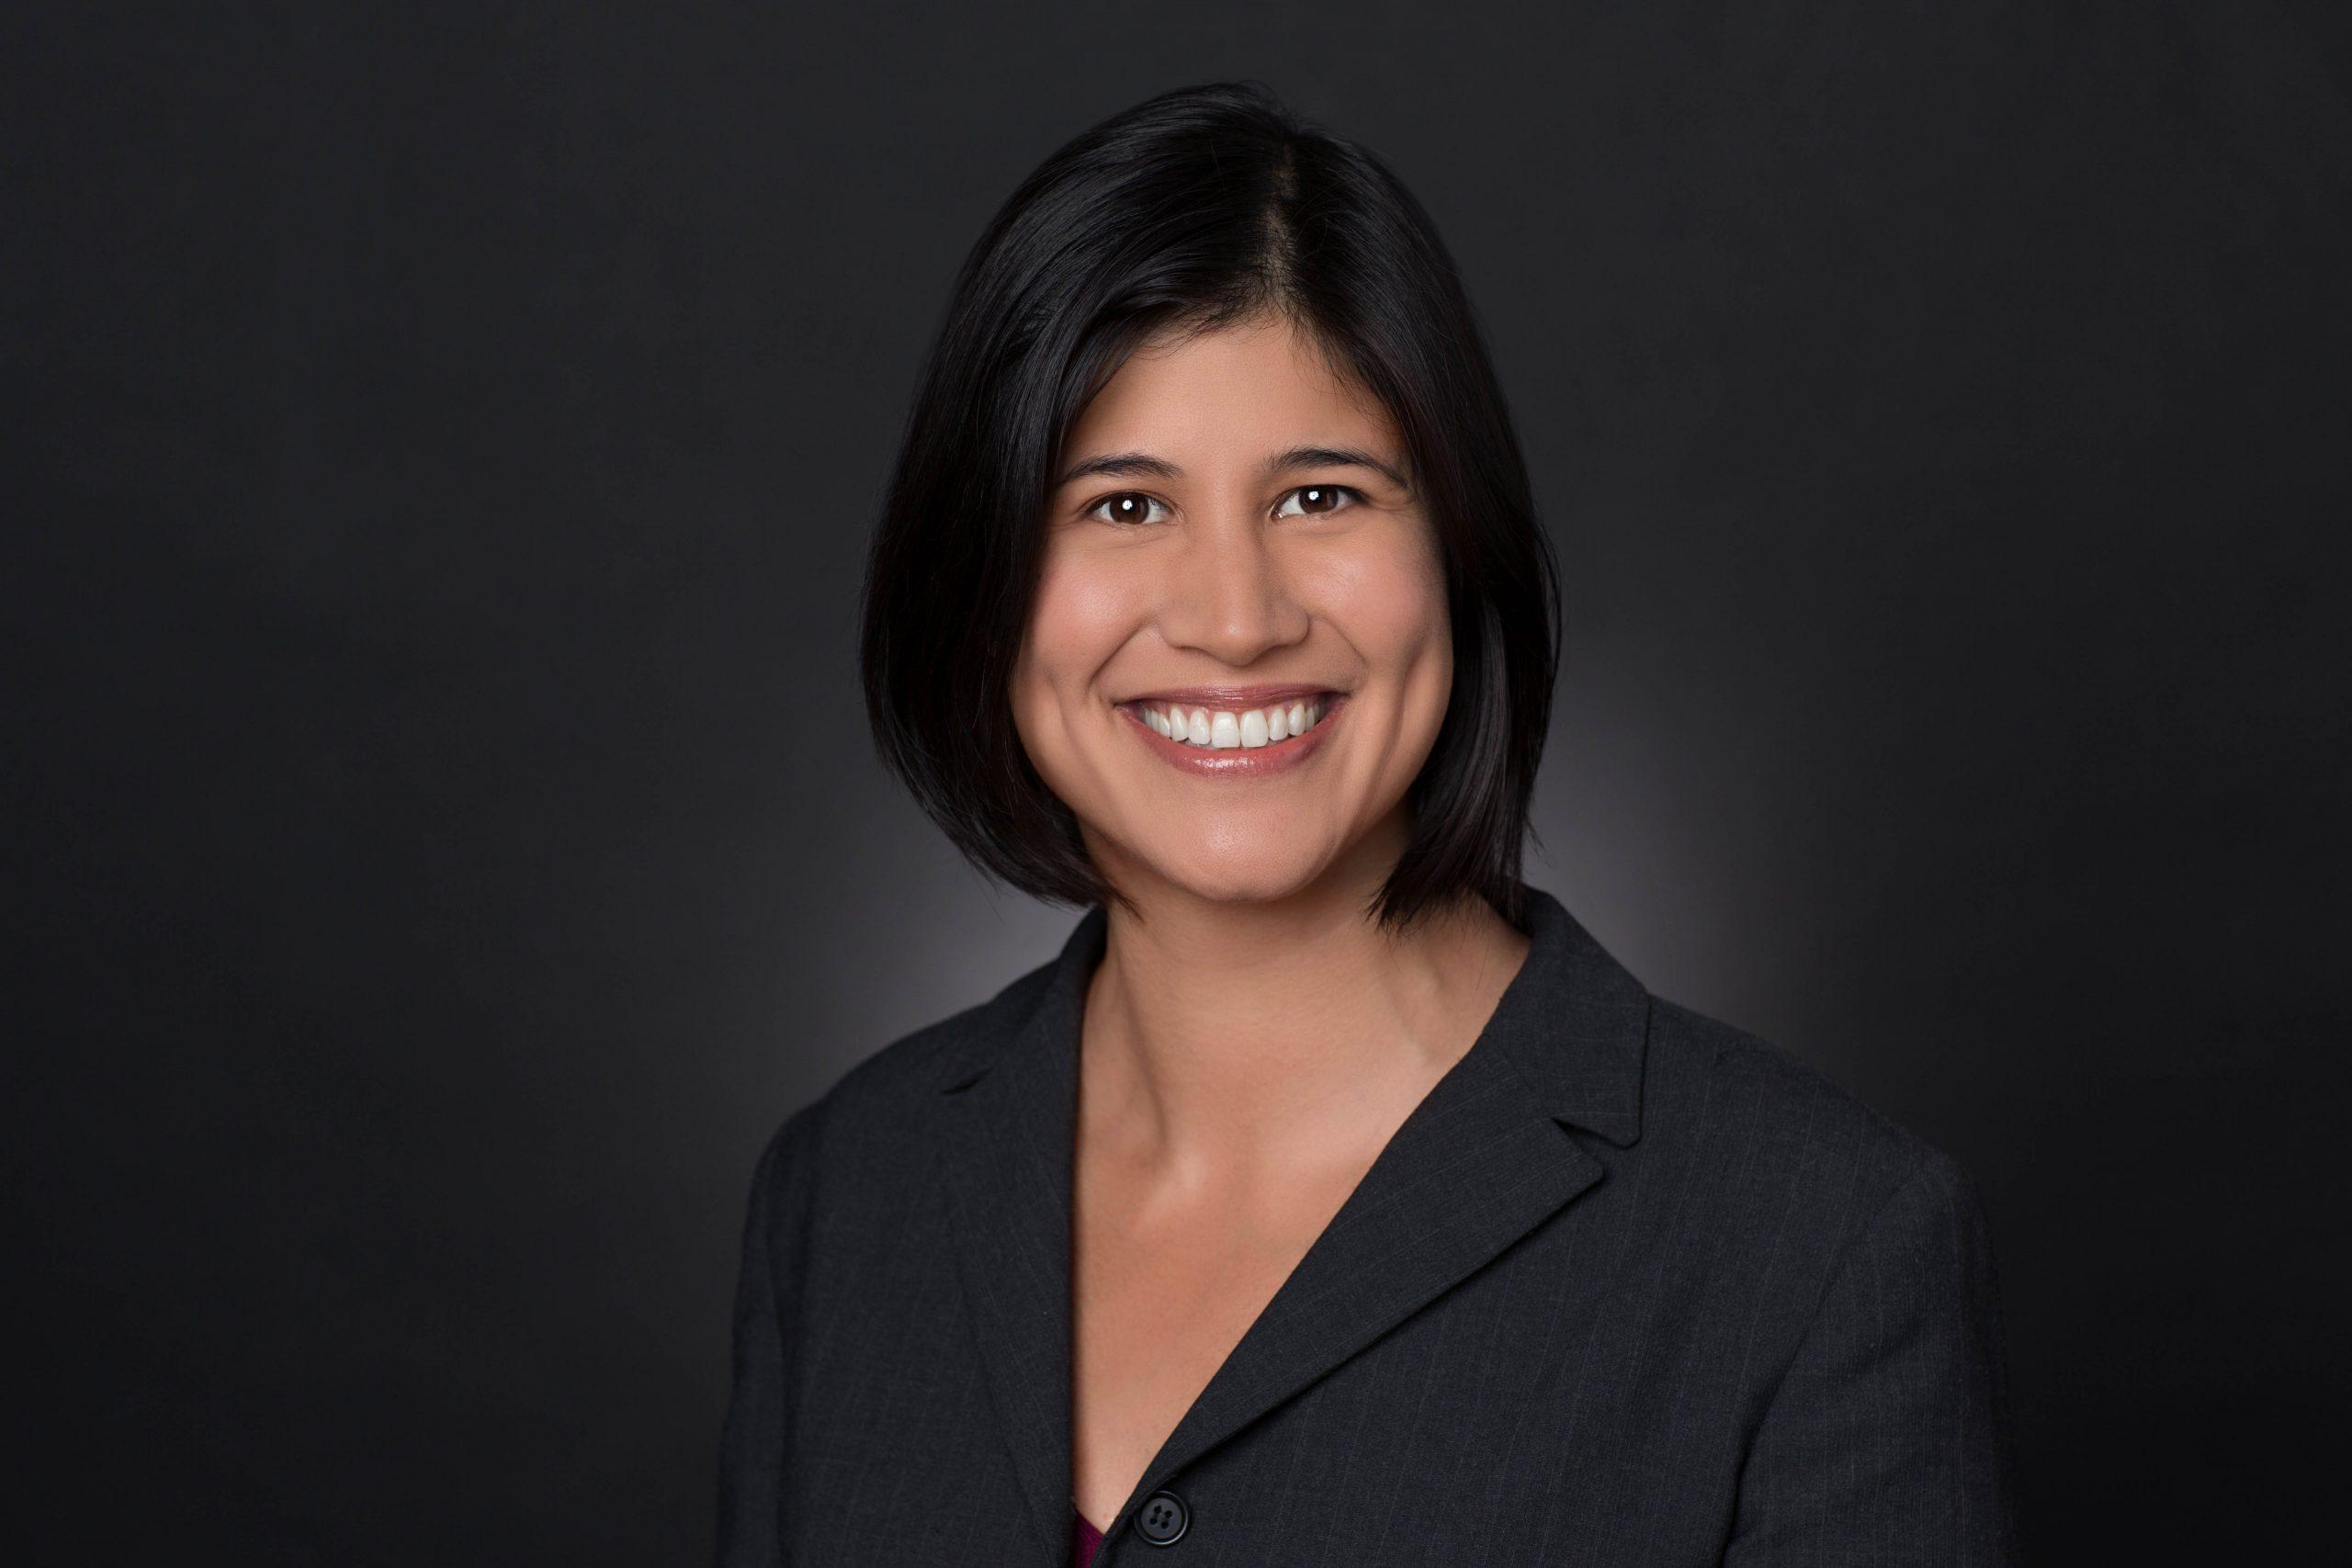 Dr. Kavita Sarin